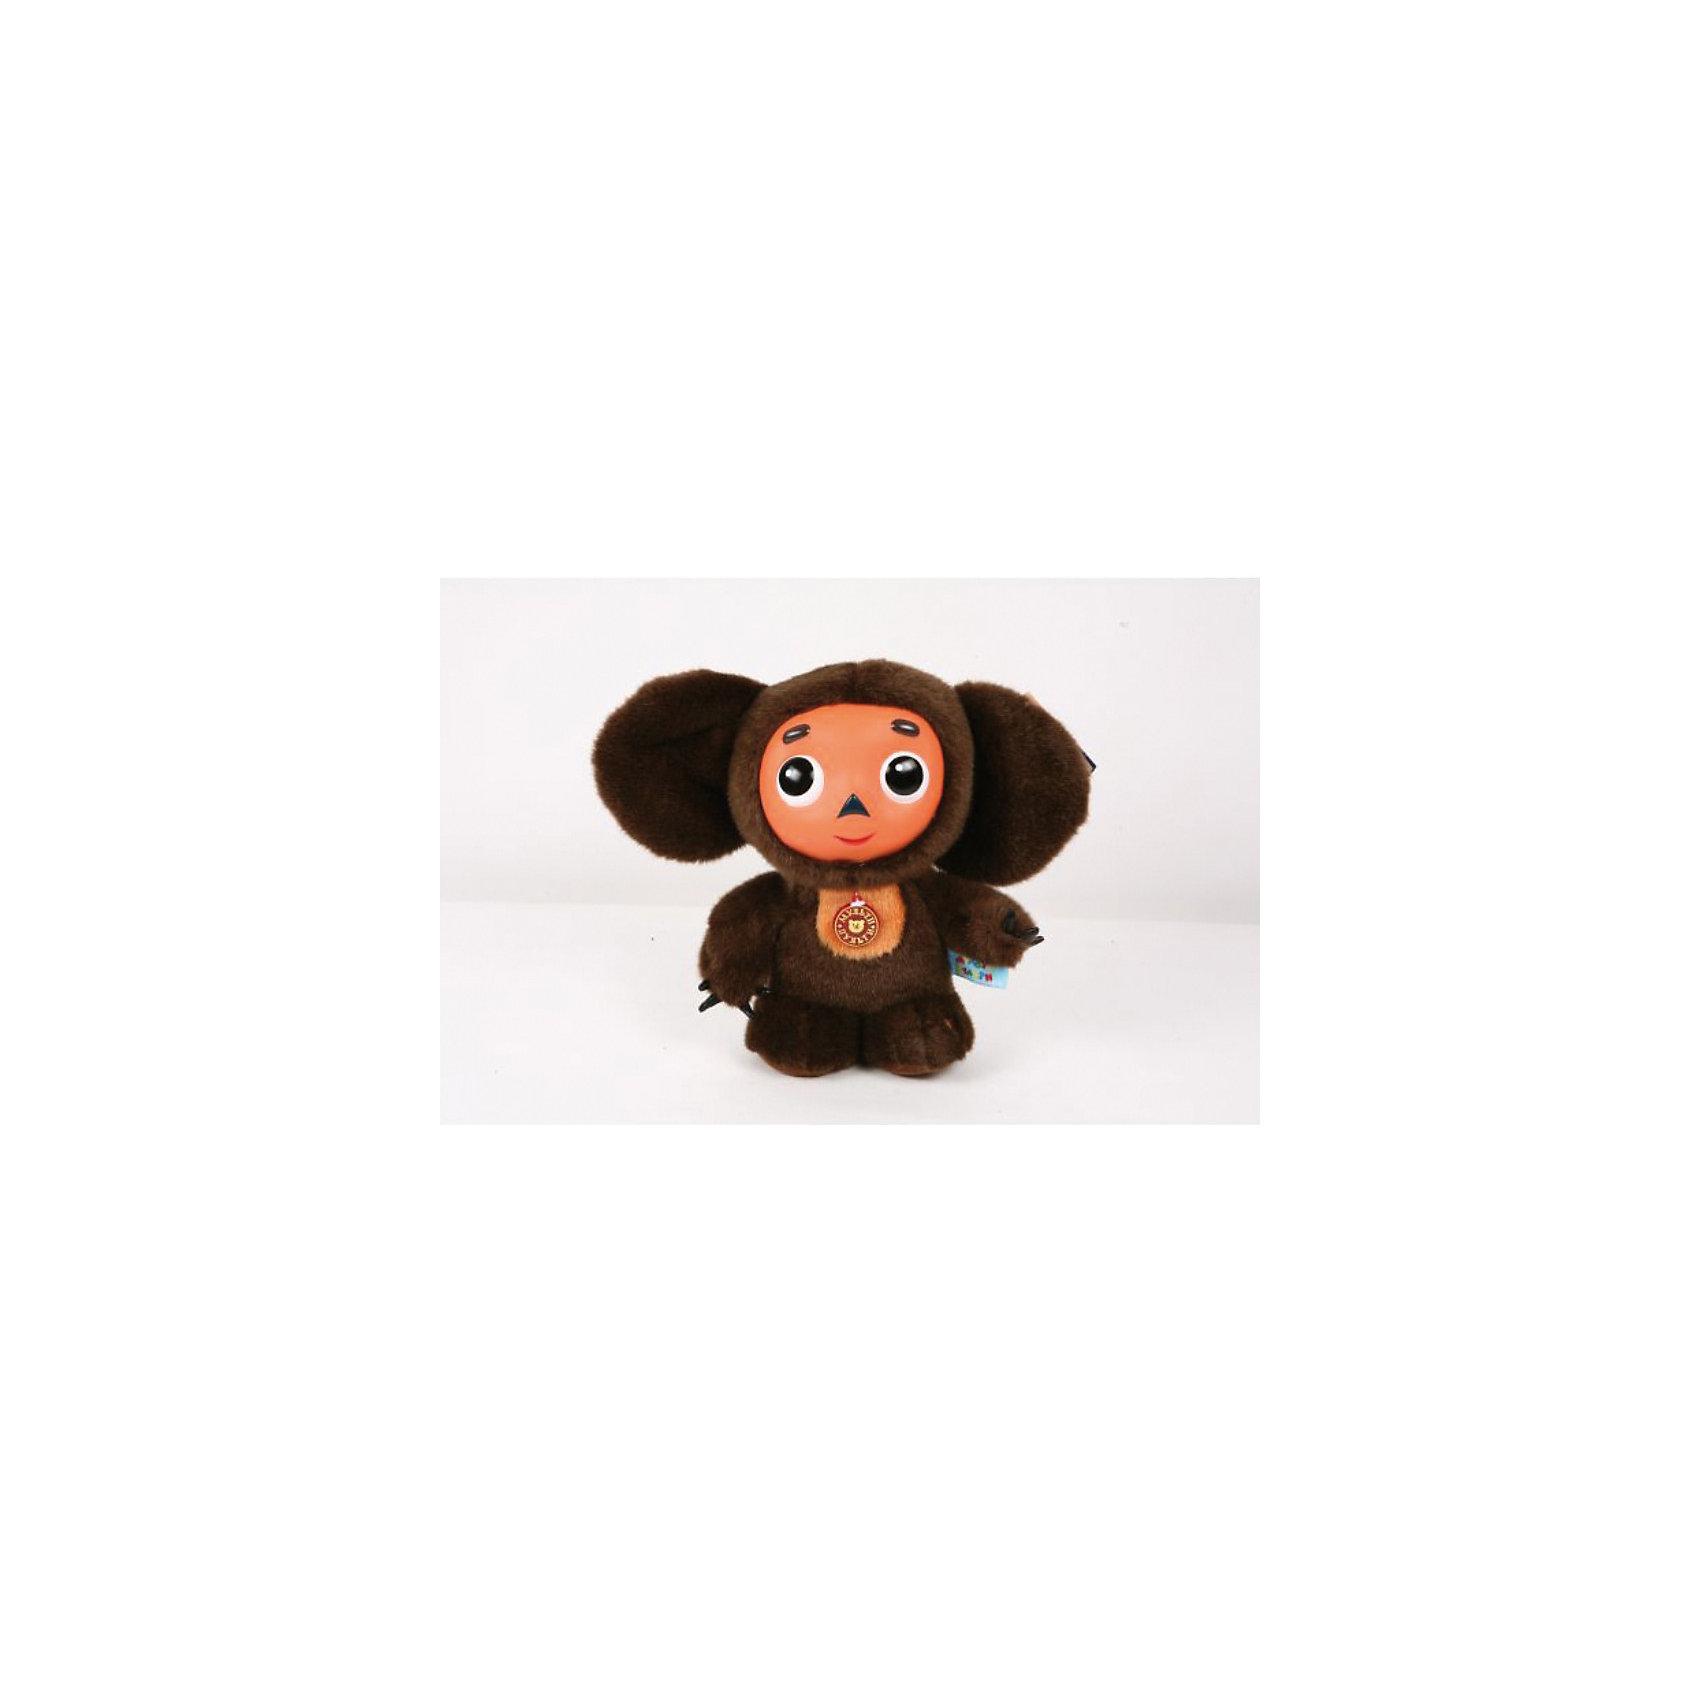 Мягкая игрушка Чебурашка , 25 см, со звуком, МУЛЬТИ-ПУЛЬТИМягкая игрушка  Чебурашка со звуком от марки МУЛЬТИ-ПУЛЬТИ<br><br>Мягкая озвученная игрушка от отечественного производителя сделана в виде известного персонажа из мультфильма. Она поможет ребенку проводить время весело и с пользой. В игрушке есть встроенный звуковой модуль, который  позволяет Чебурашке говорить фразы и пет песни.<br>Размер игрушки универсален - 25 сантиметров, её удобно брать с собой в поездки и на прогулку. Сделан Чебурашка из качественных и безопасных для ребенка материалов, которые еще и приятны на ощупь. <br><br>Отличительные особенности  игрушки:<br><br>- материал: текстиль, пластик;<br>- звуковой модуль;<br>- язык: русский;<br>- 9 фраз и 2 песни;<br>- работает на батарейках;<br>- высота: 25 см.<br><br>Мягкую игрушку  Чебурашка от марки МУЛЬТИ-ПУЛЬТИ можно купить в нашем магазине.<br><br>Ширина мм: 90<br>Глубина мм: 330<br>Высота мм: 380<br>Вес г: 210<br>Возраст от месяцев: 12<br>Возраст до месяцев: 72<br>Пол: Унисекс<br>Возраст: Детский<br>SKU: 2149182